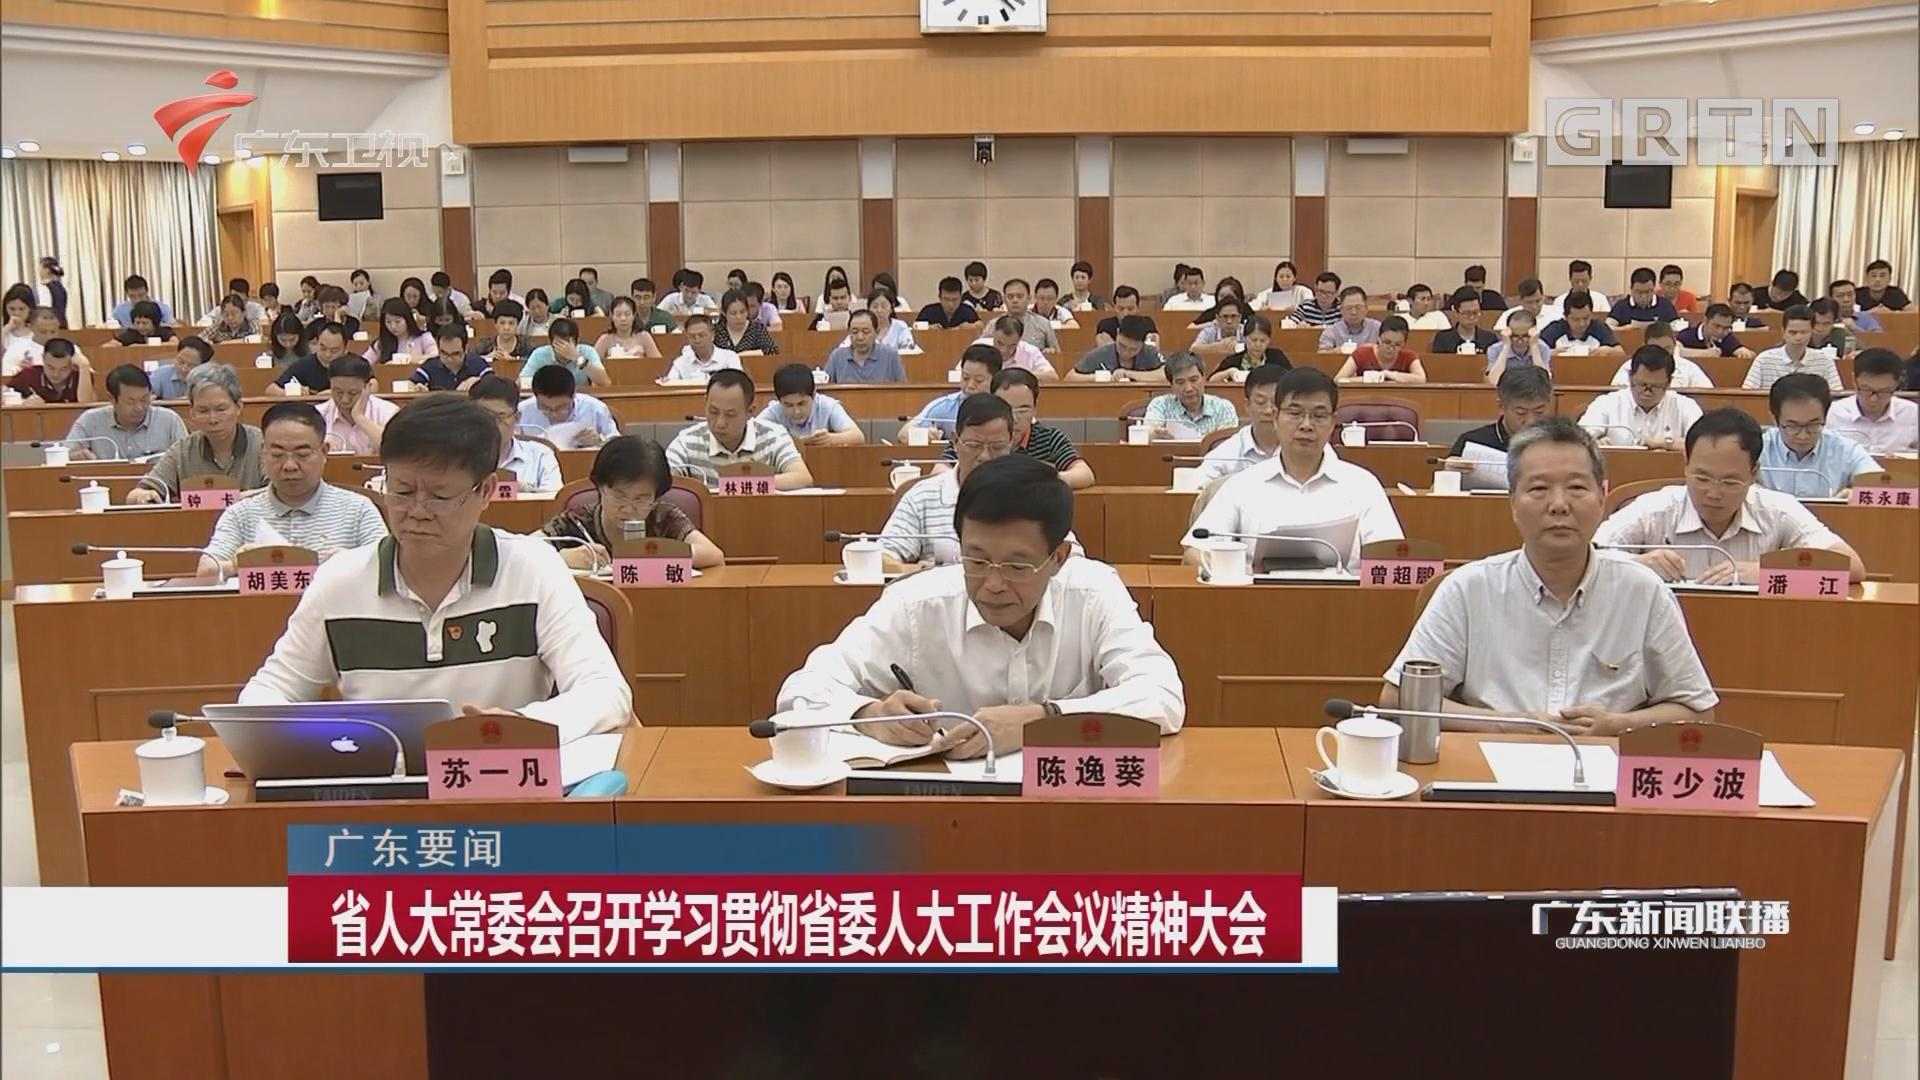 省人大常委会召开学习贯彻省委人大工作会议精神大会